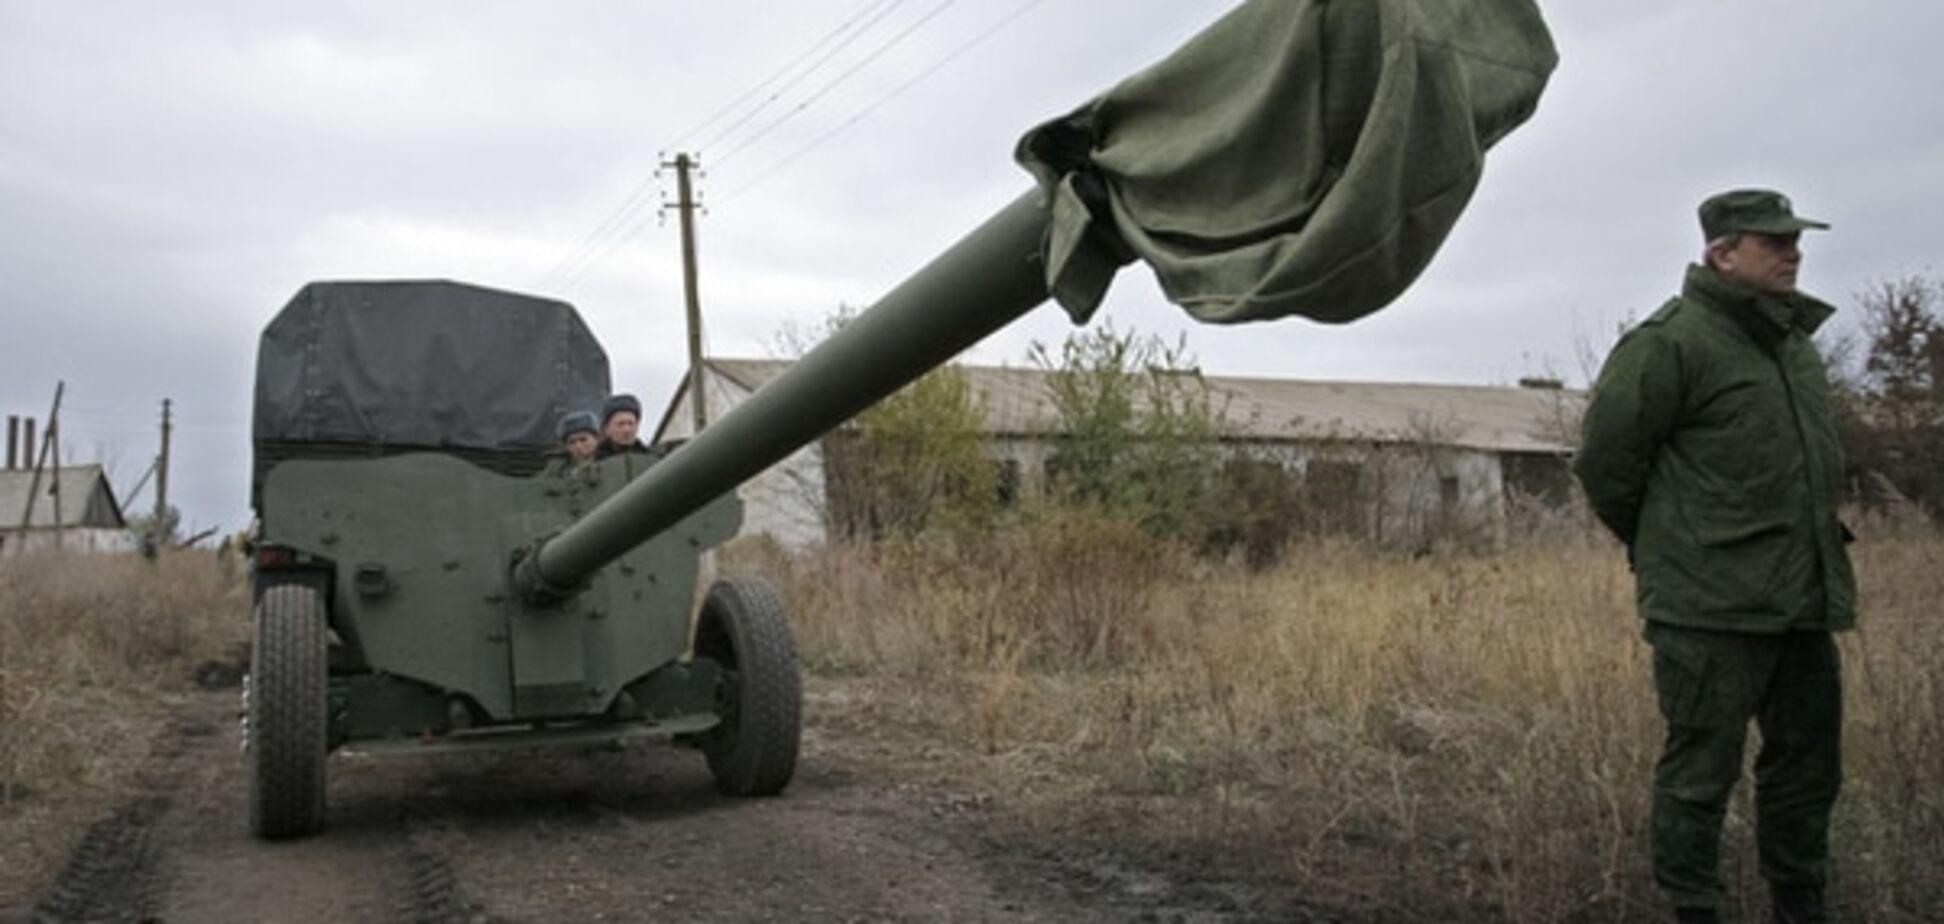 Російські війська на Донбасі приведені в стан бойової готовності - Ляшко